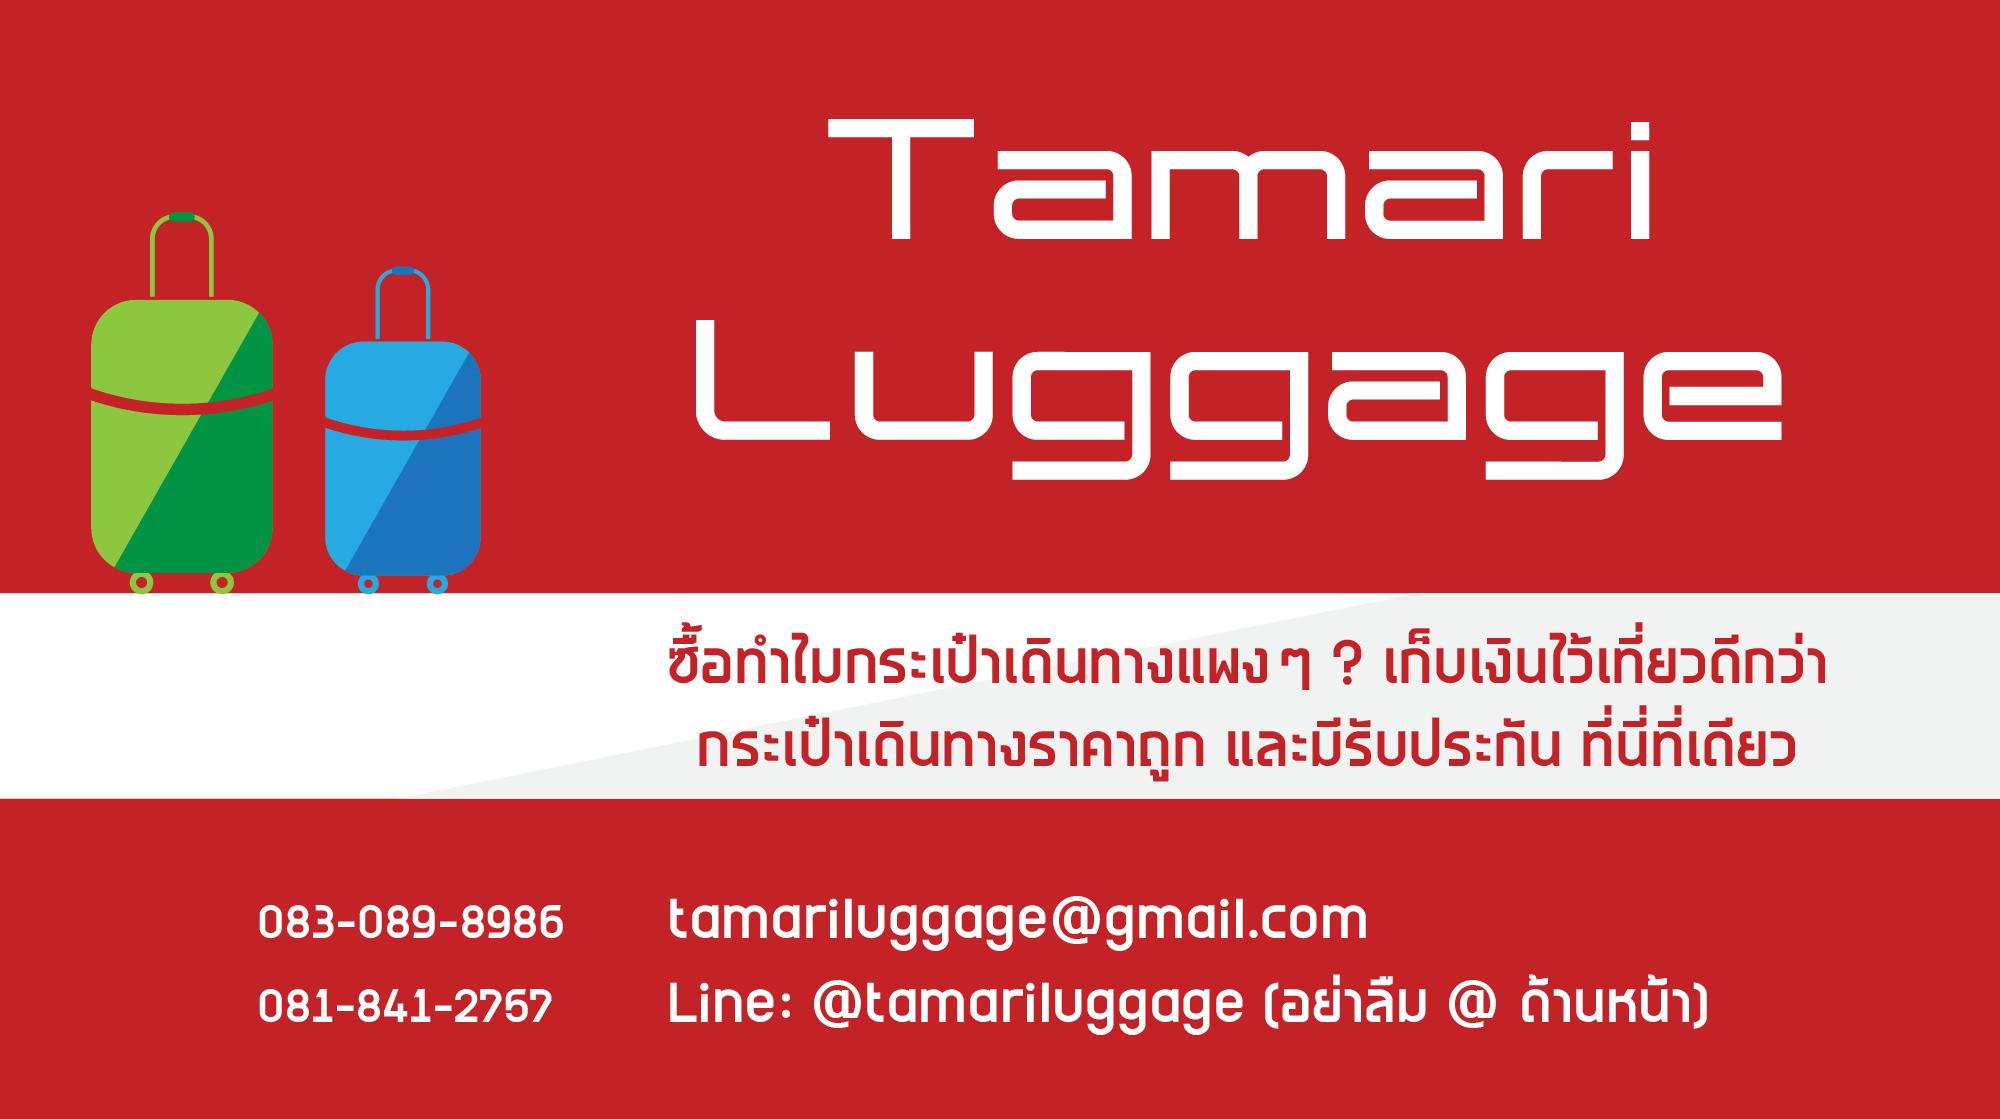 Tamari Luggage กระเป๋าเดินทางราคาถูก